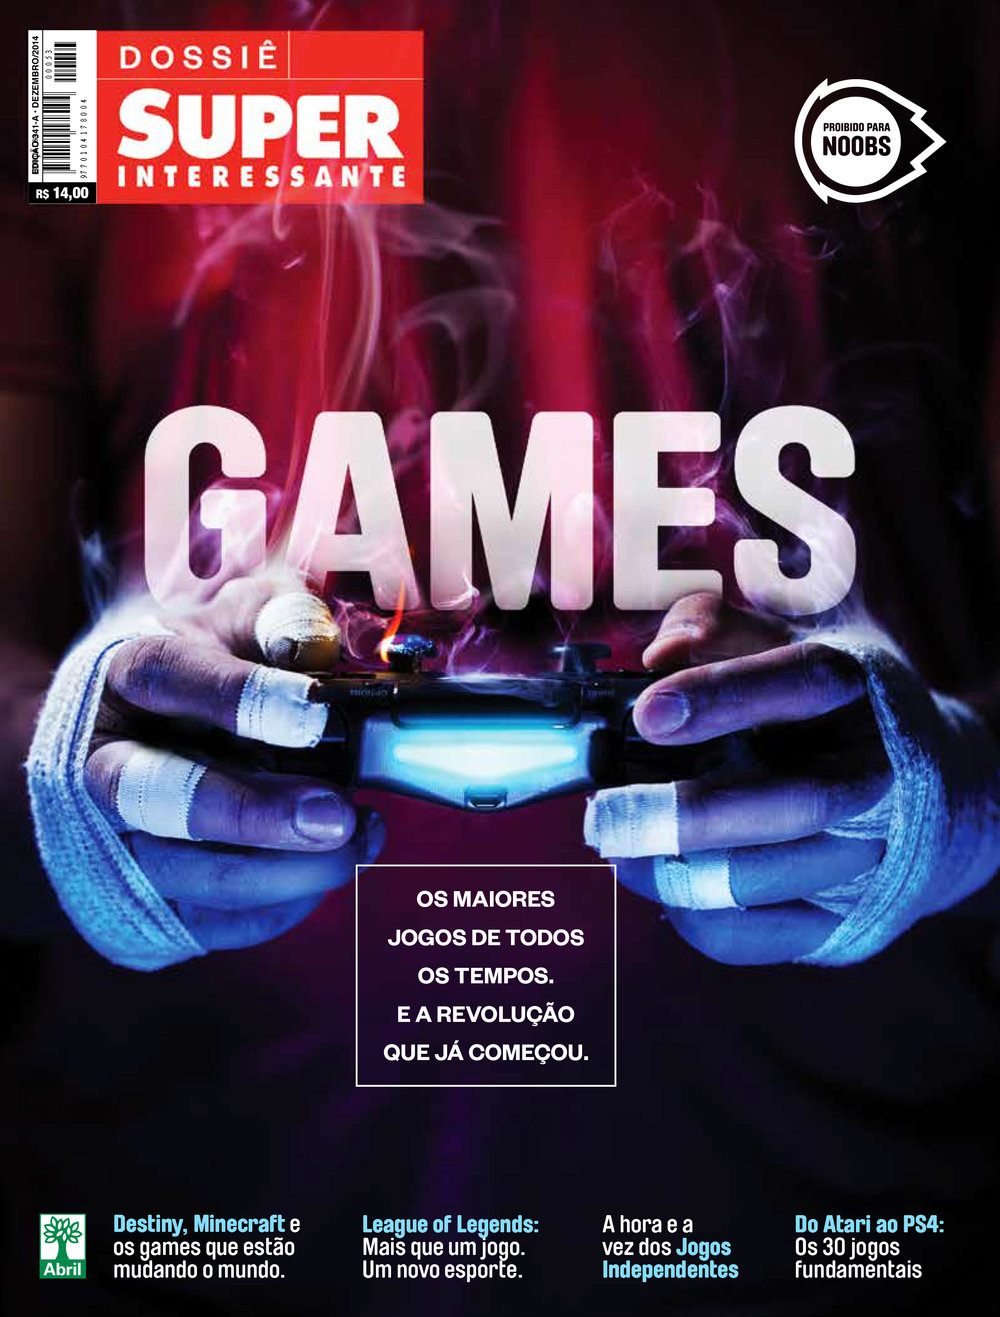 dossie_games.jpg